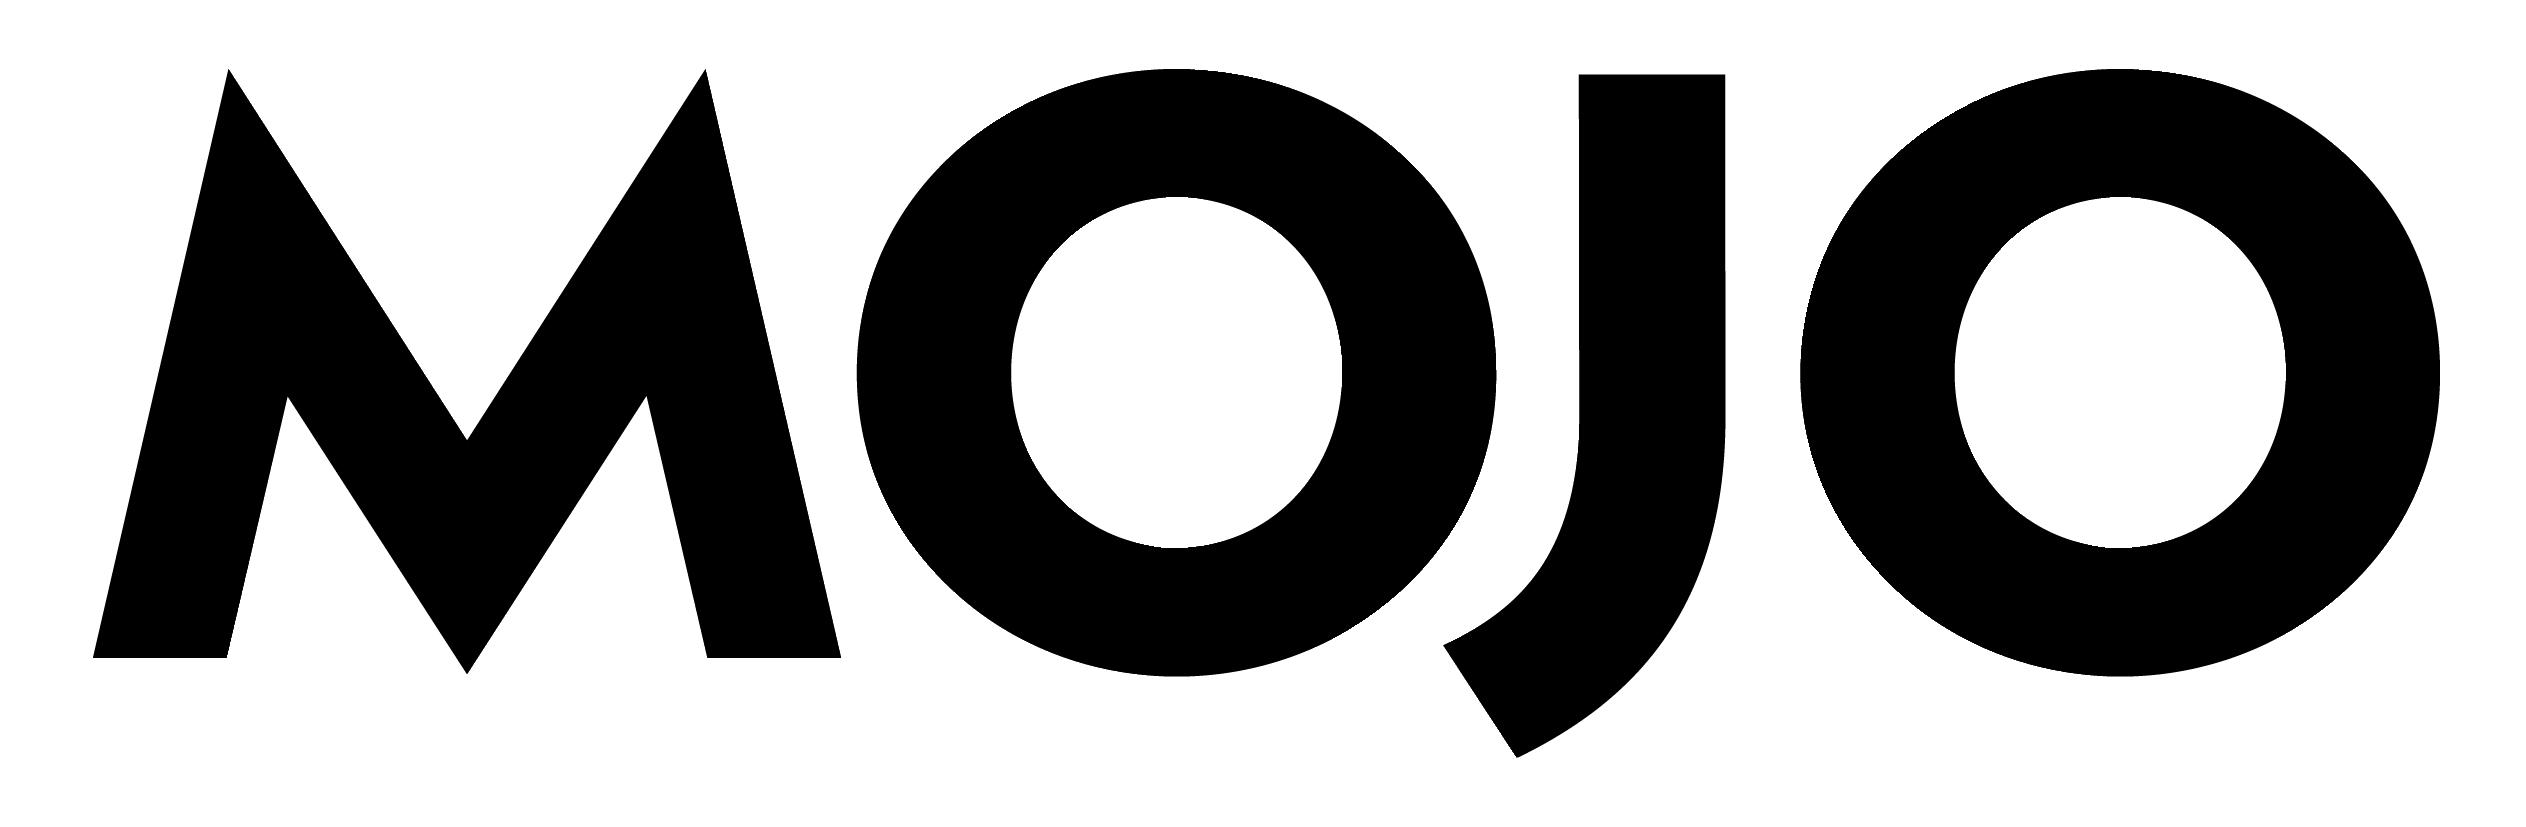 Pin by Manuel Rojas on Bauer Magazine Logos Name logo